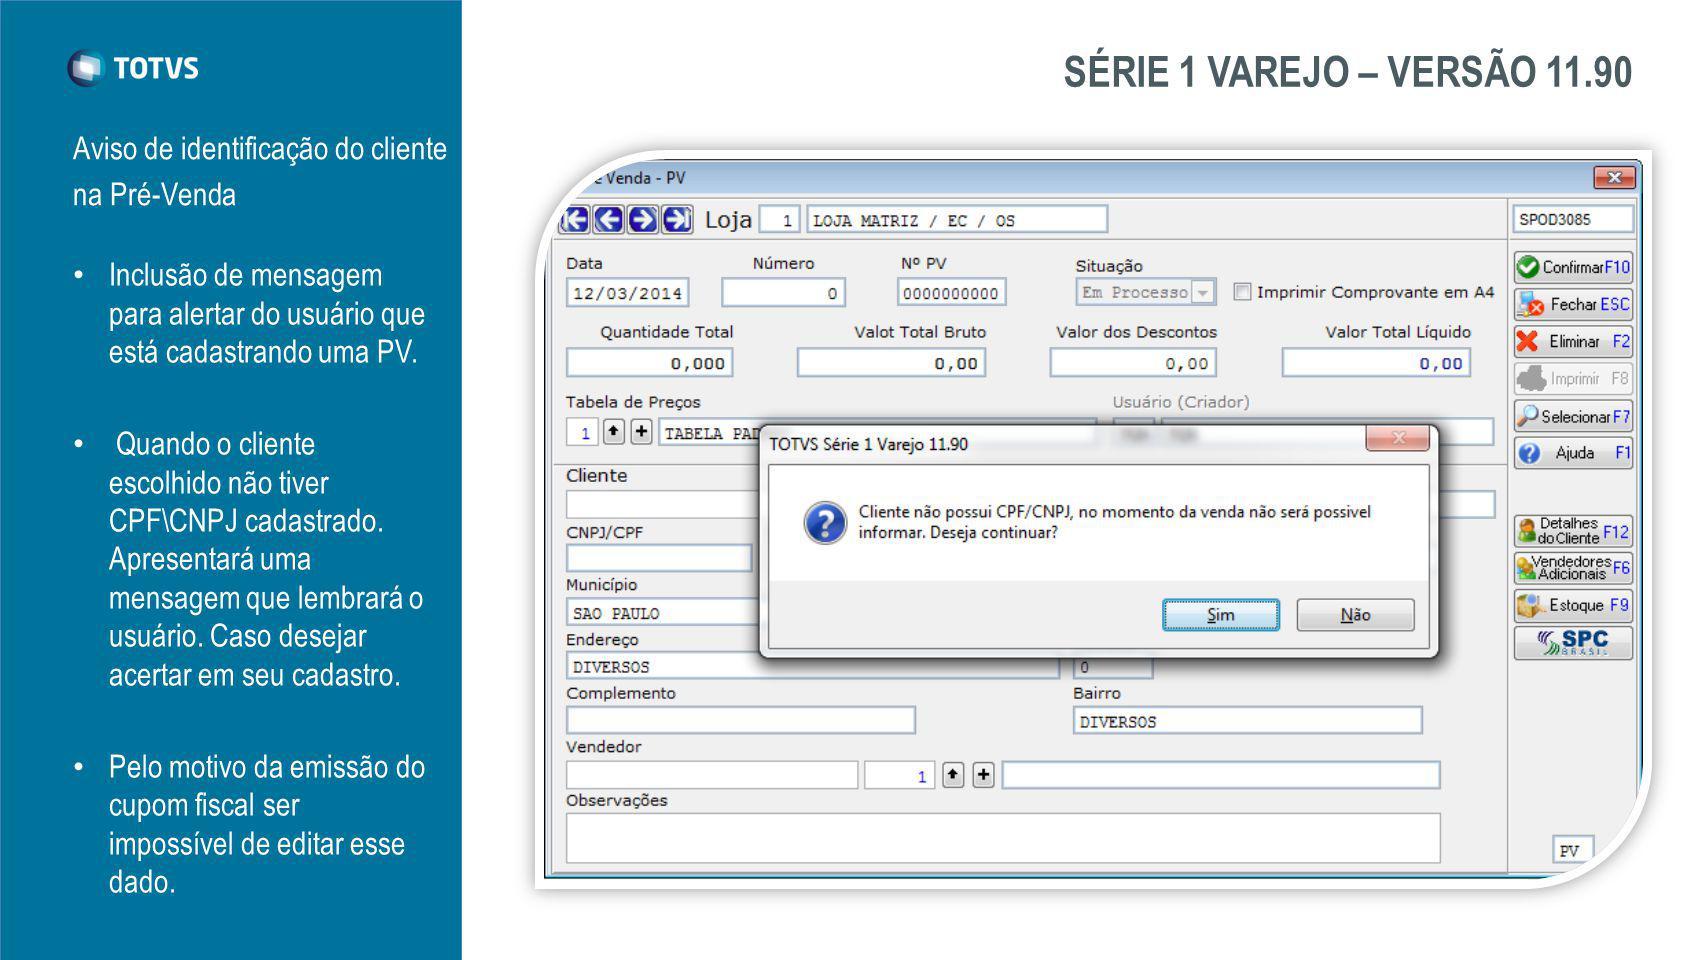 SÉRIE 1 VAREJO – VERSÃO 11.90 Aviso de identificação do cliente na Pré-Venda Inclusão de mensagem para alertar do usuário que está cadastrando uma PV.